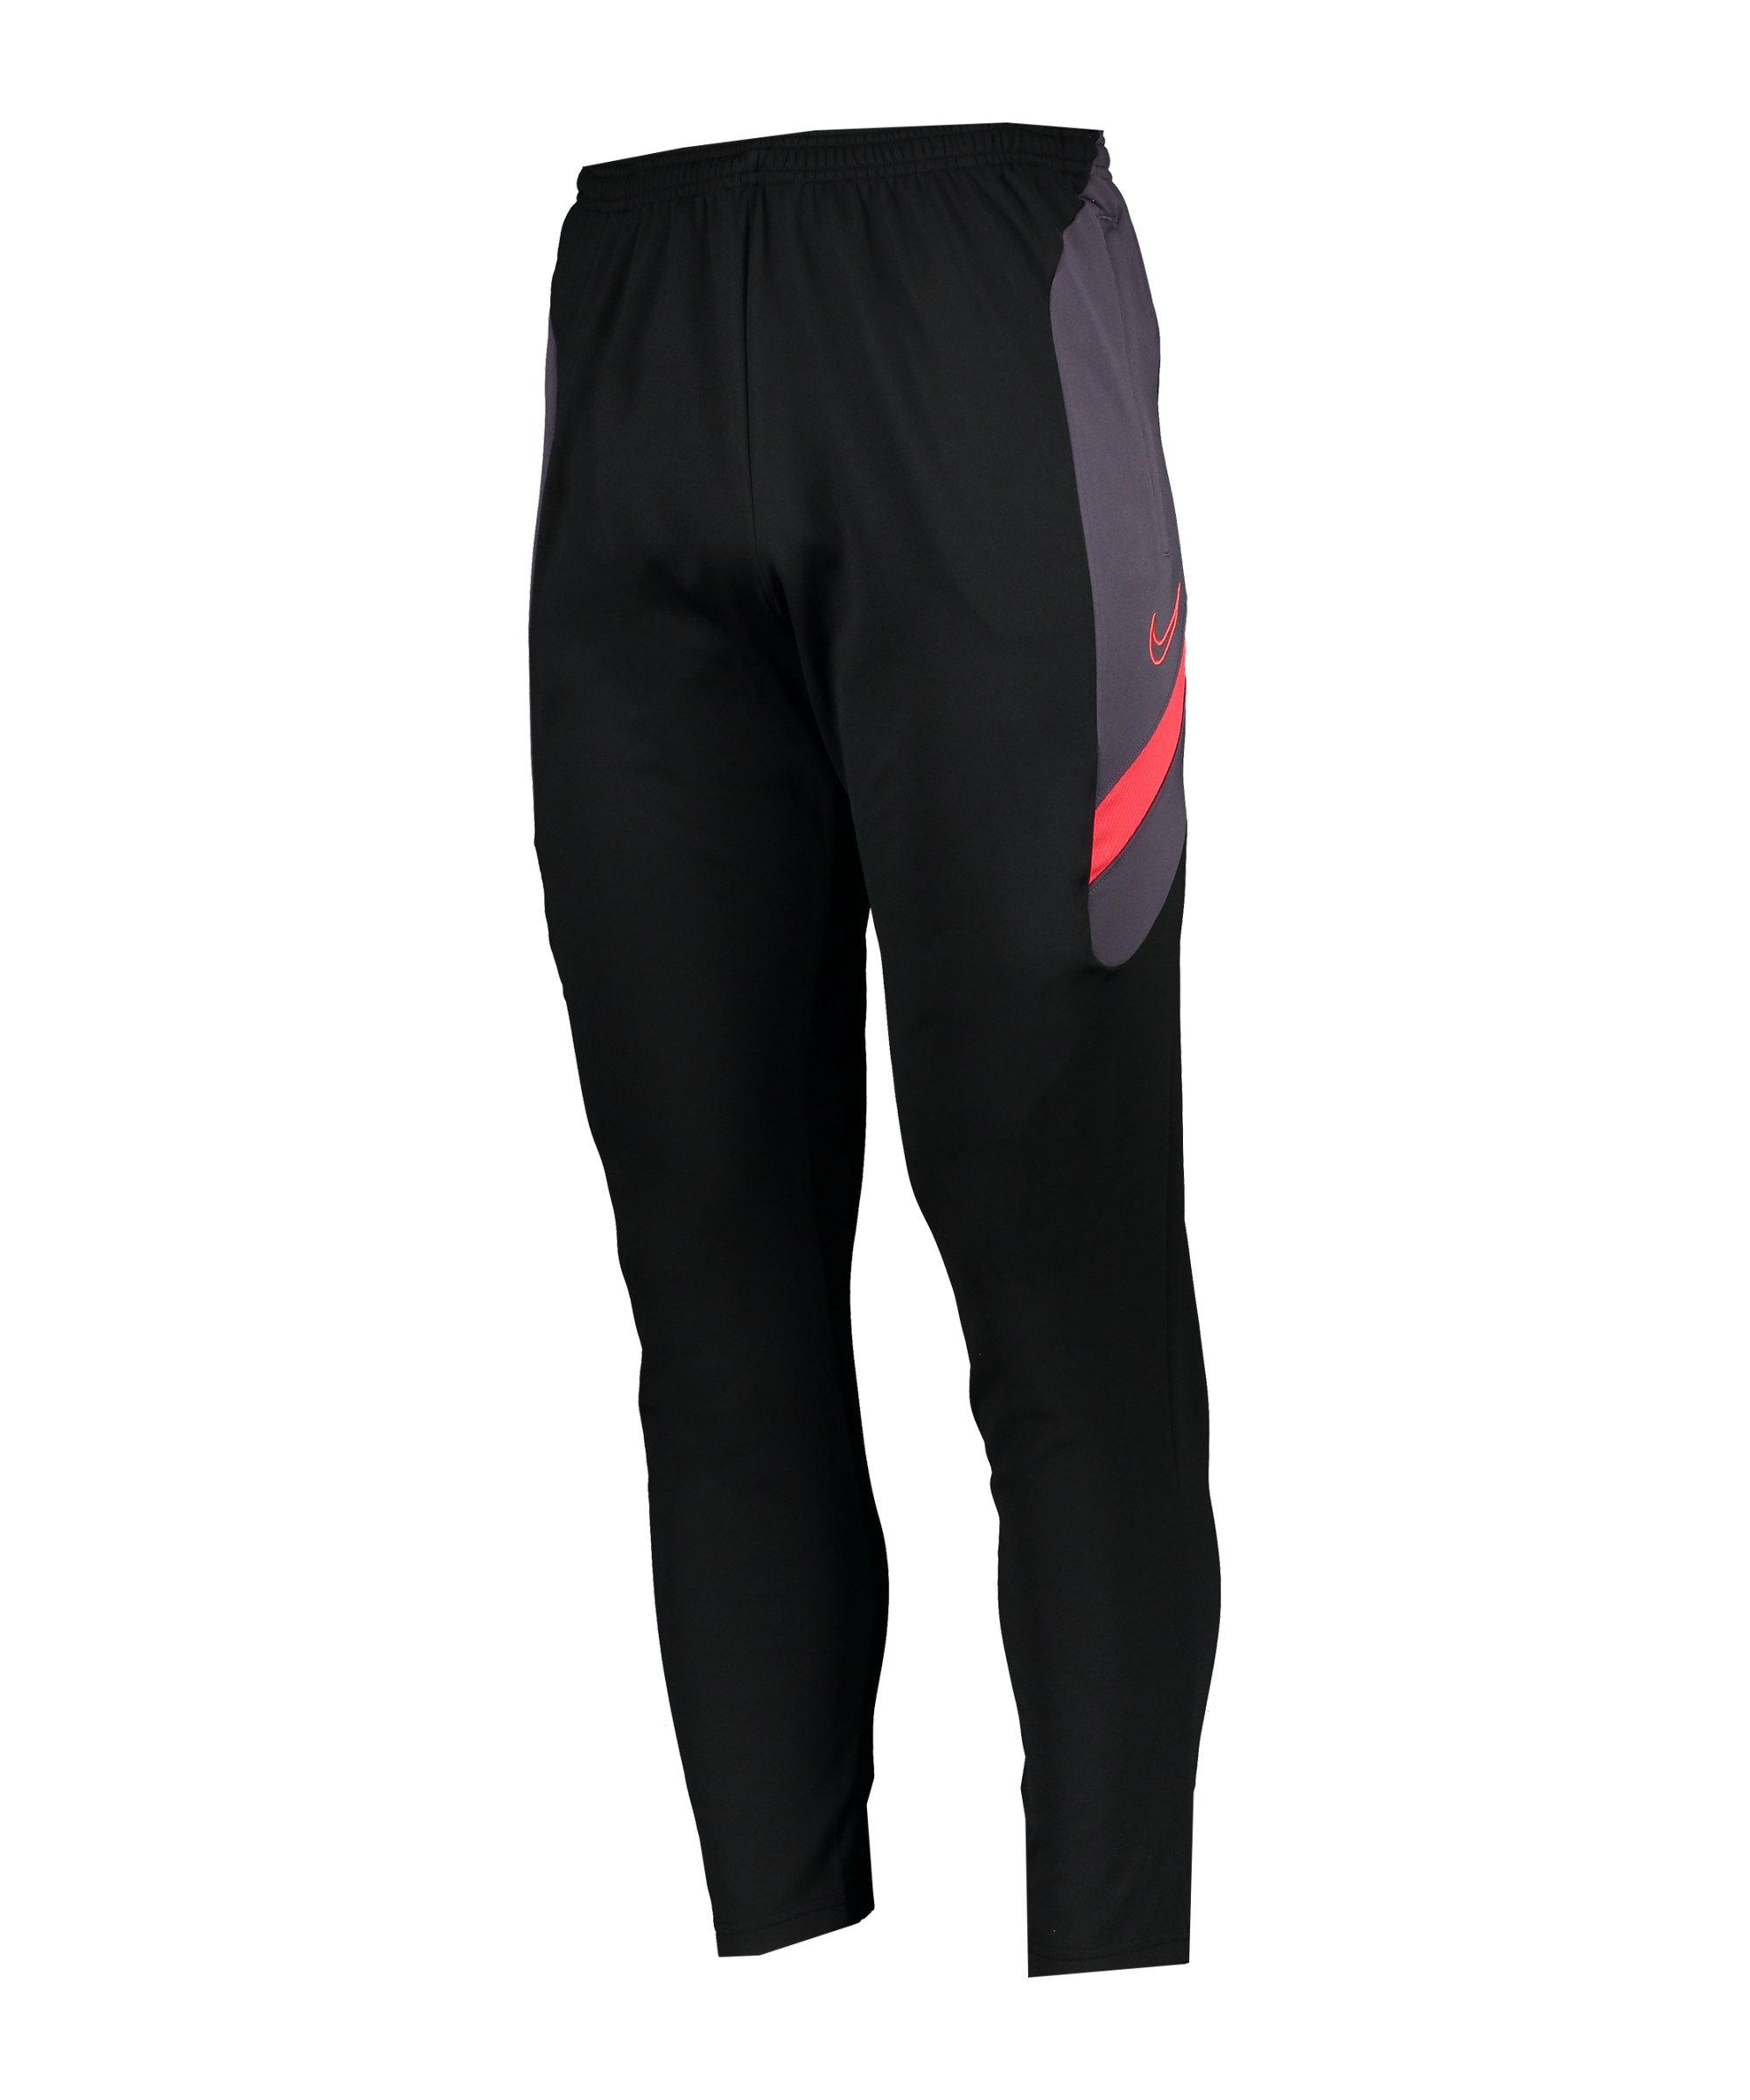 Nike Dry Academy Trainingshose Schwarz Lila F014 - schwarz